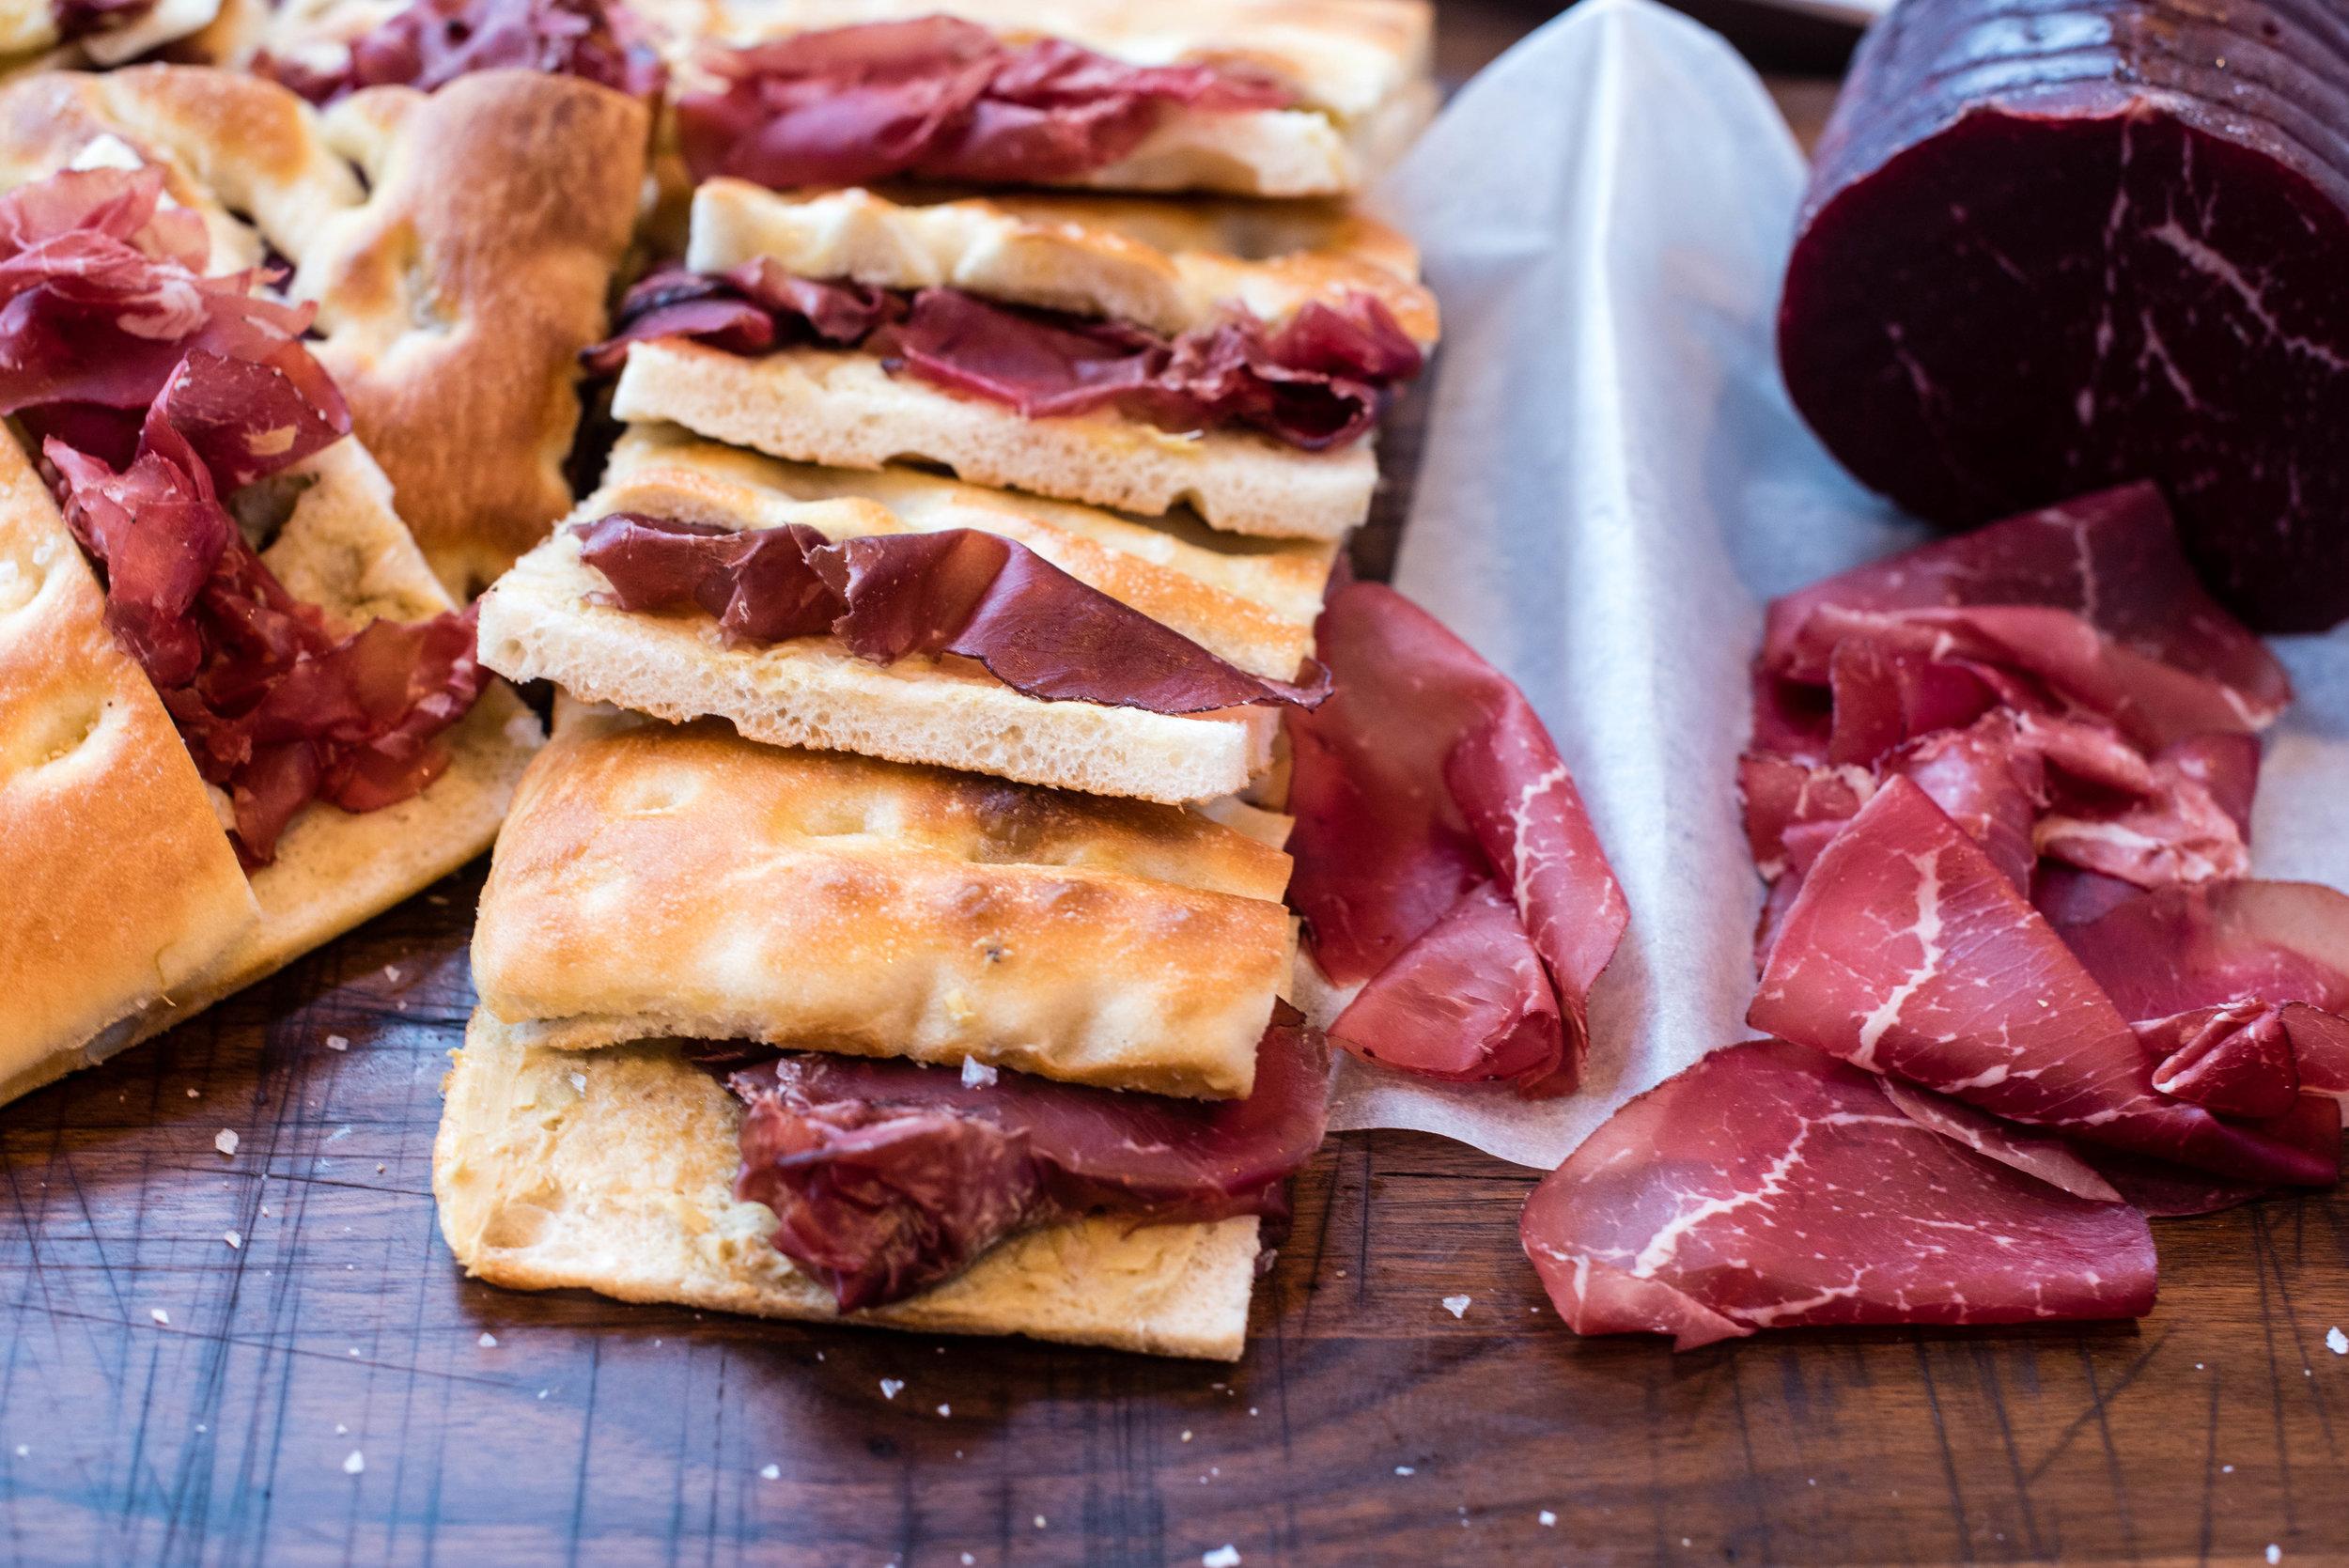 Prosciutto from Parma